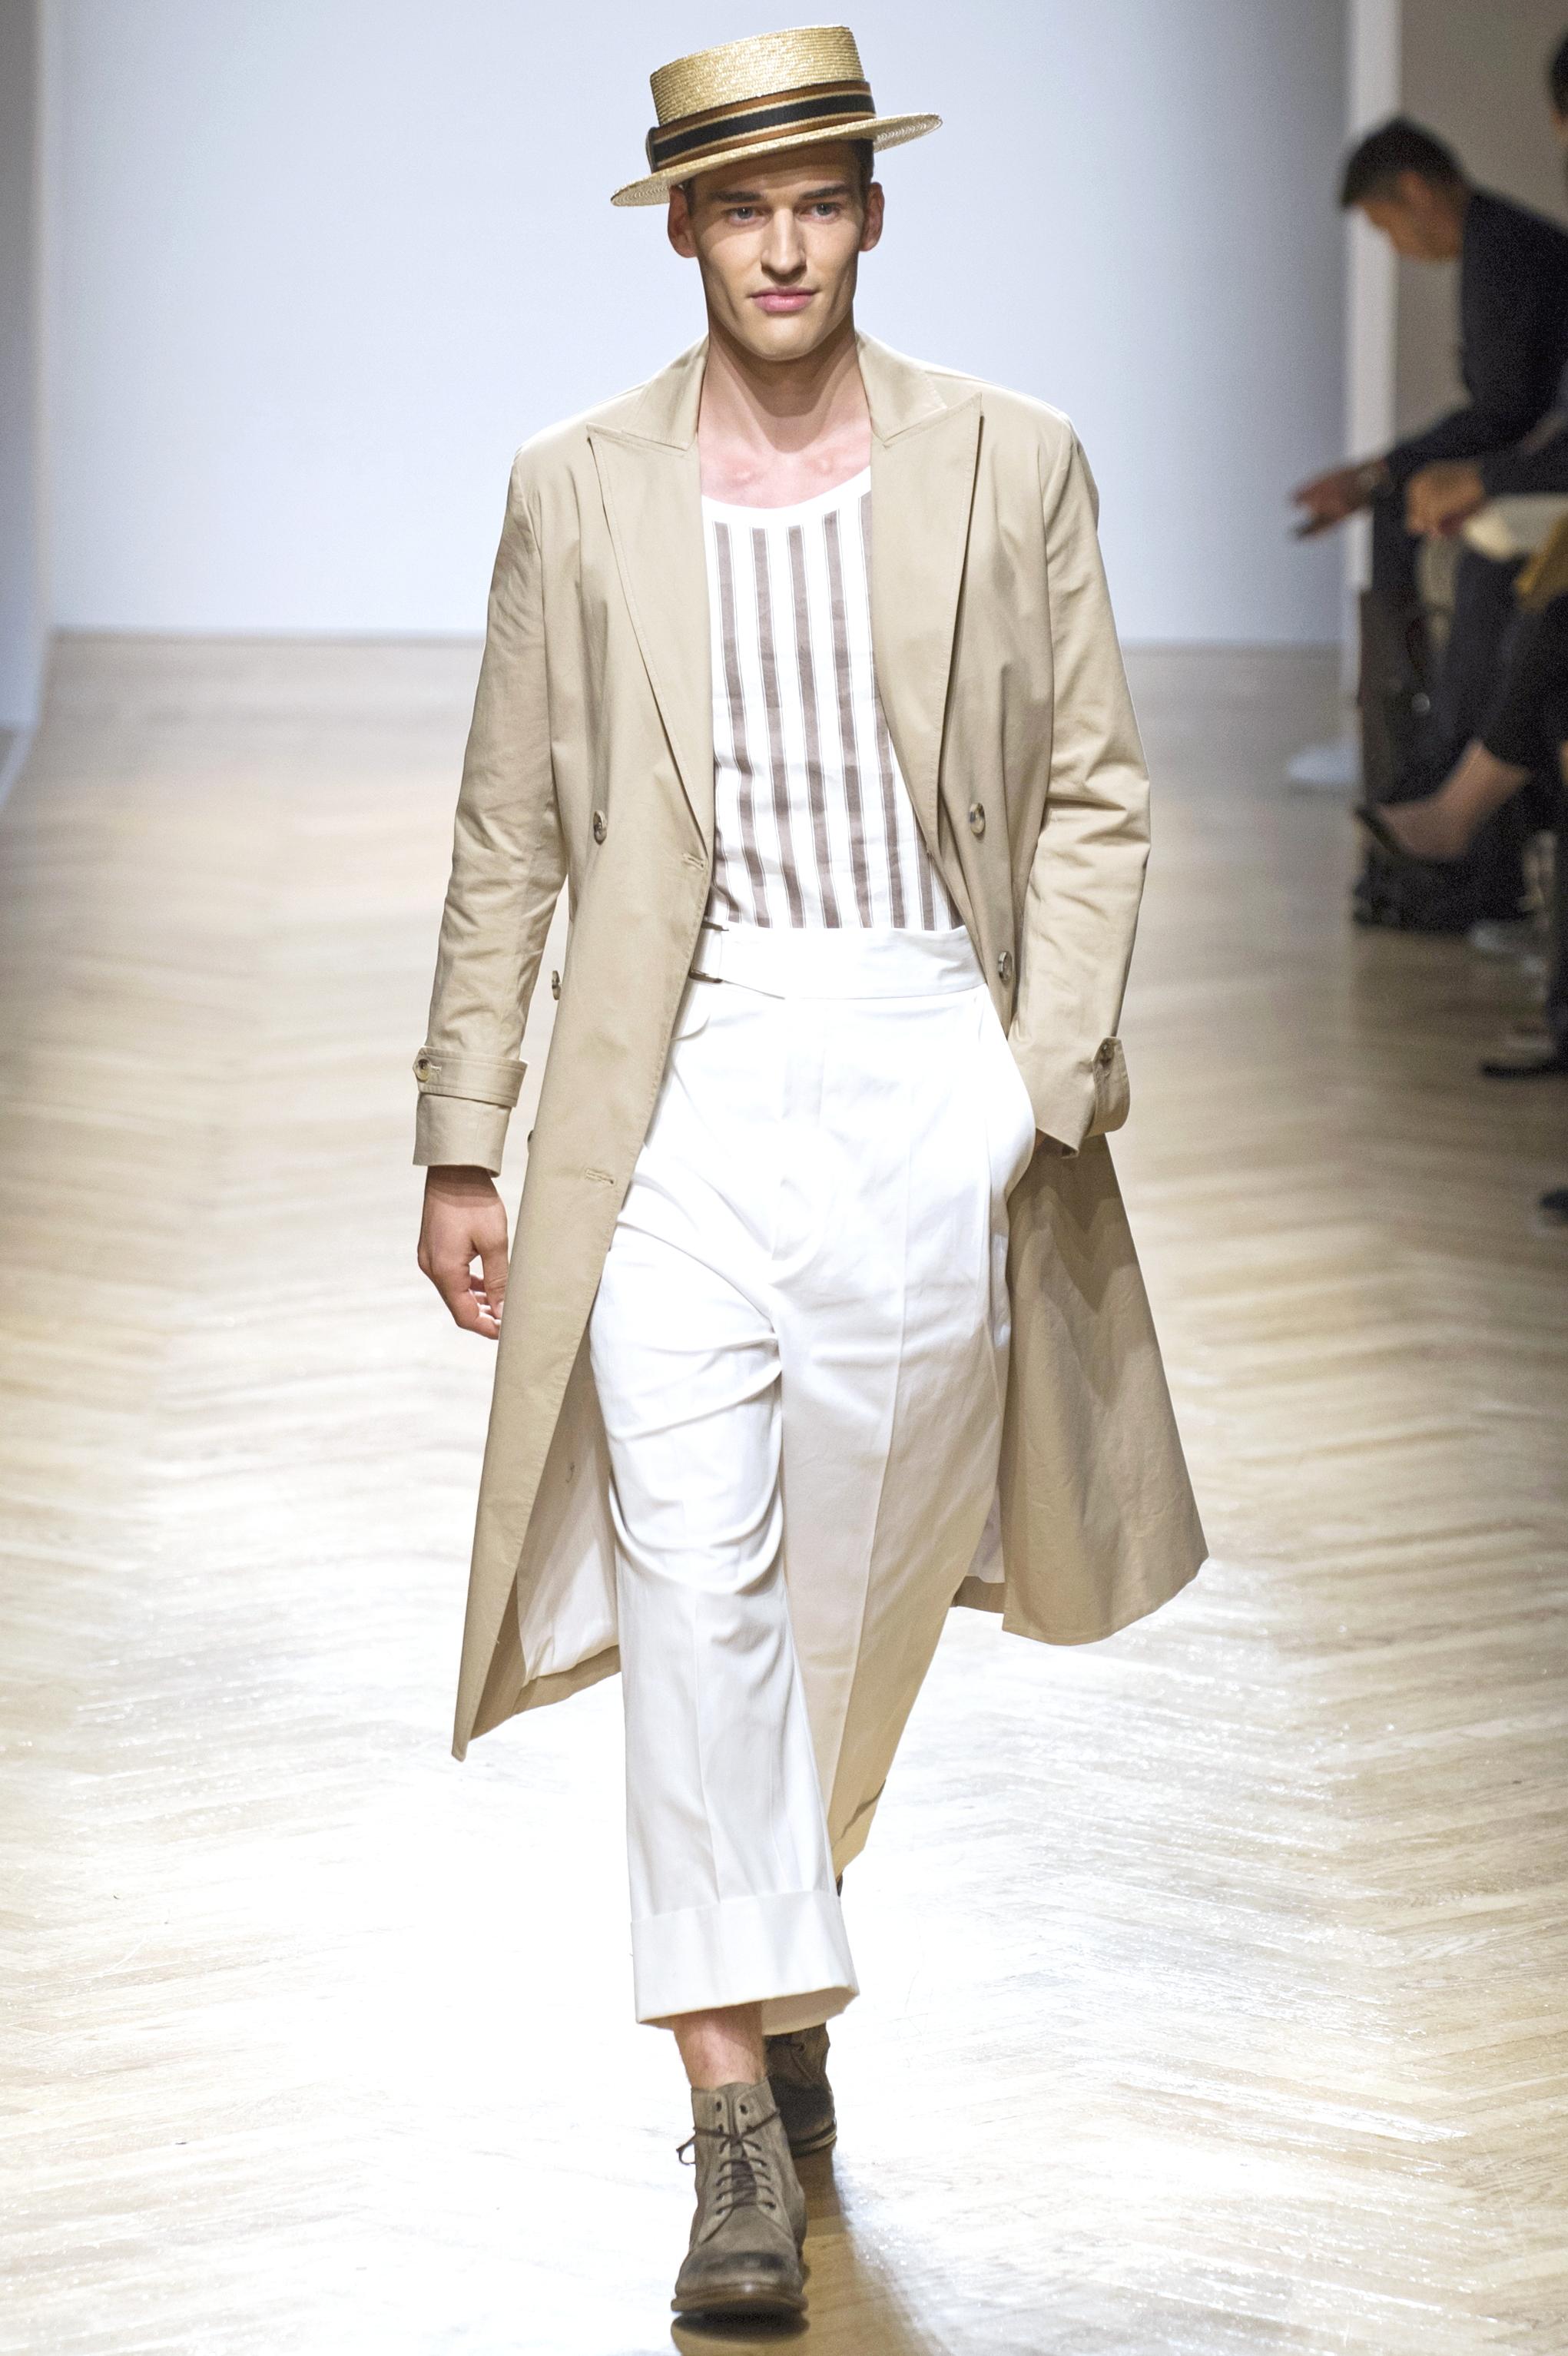 Milan Men's Fashion Week Spring/ Summer: Weiße High Rise-Hose in der Show von Daks